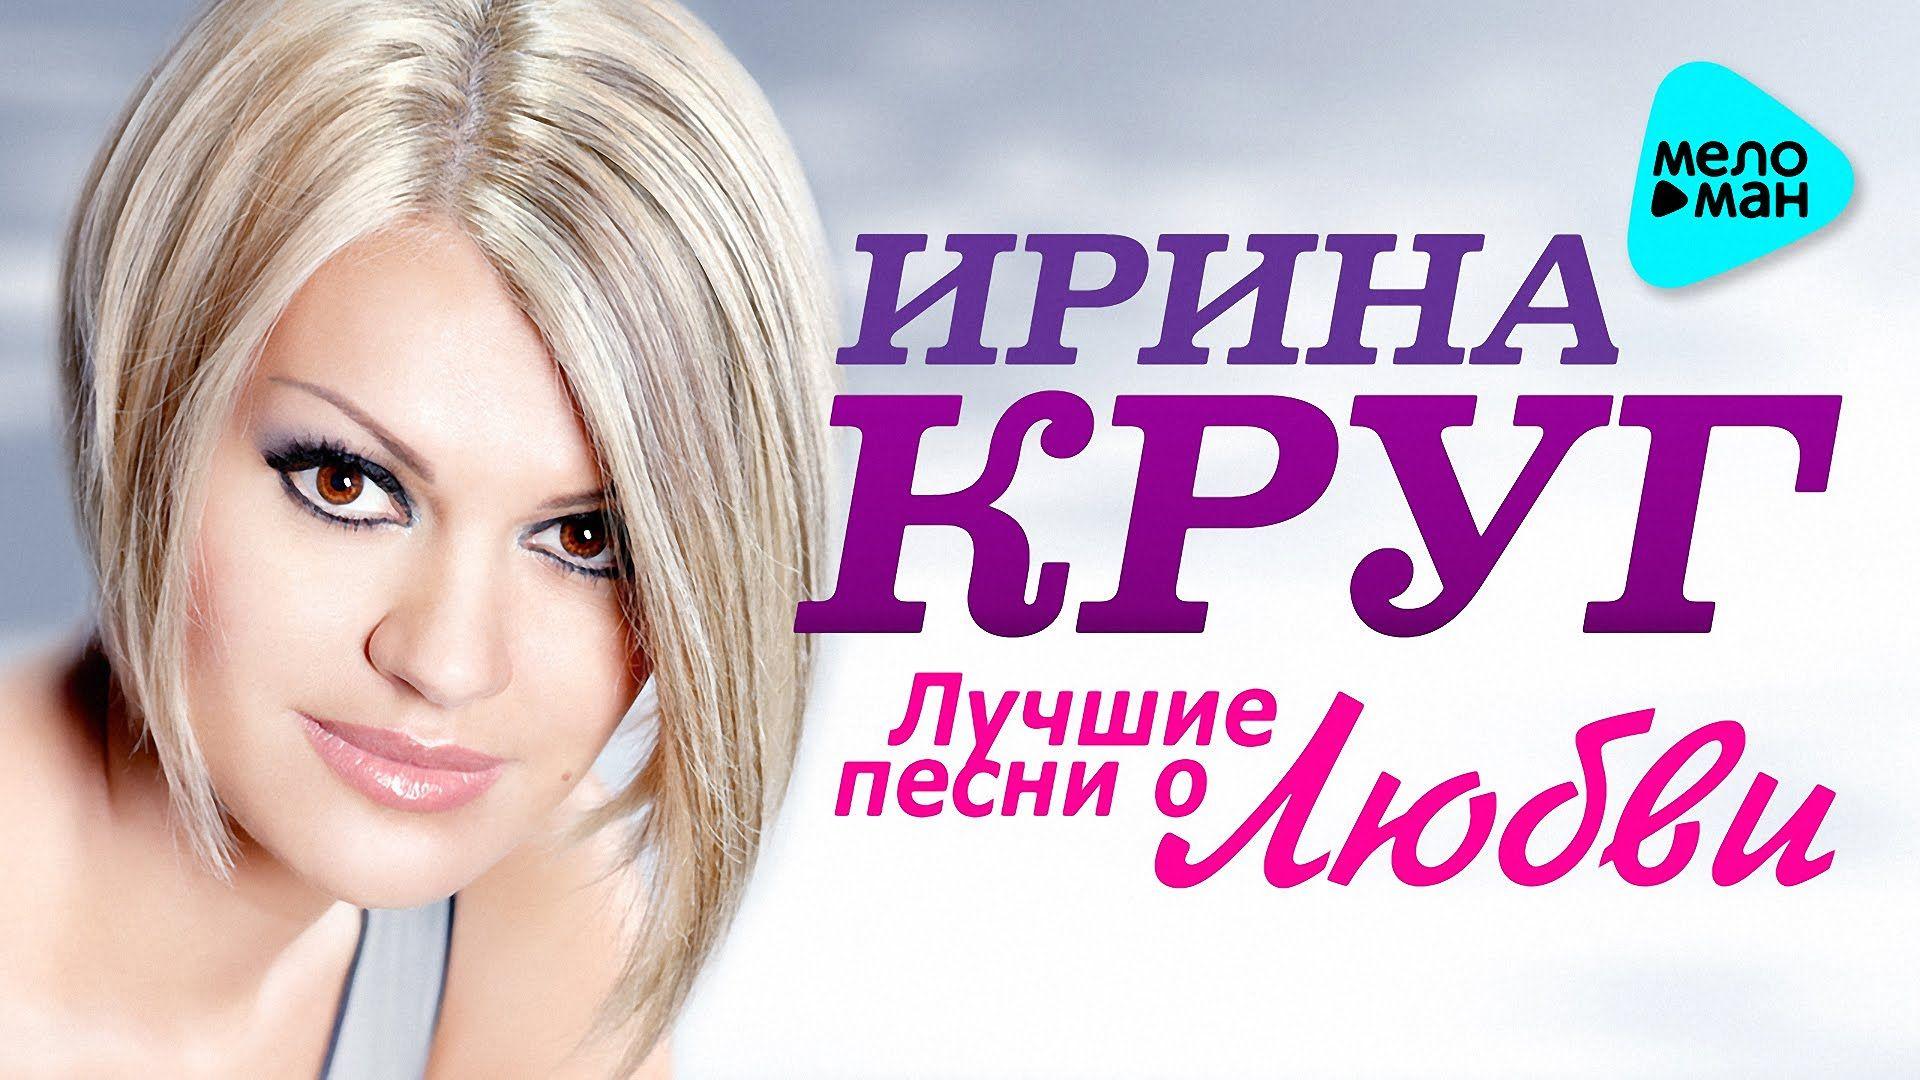 Ирина Круг Фото Песня